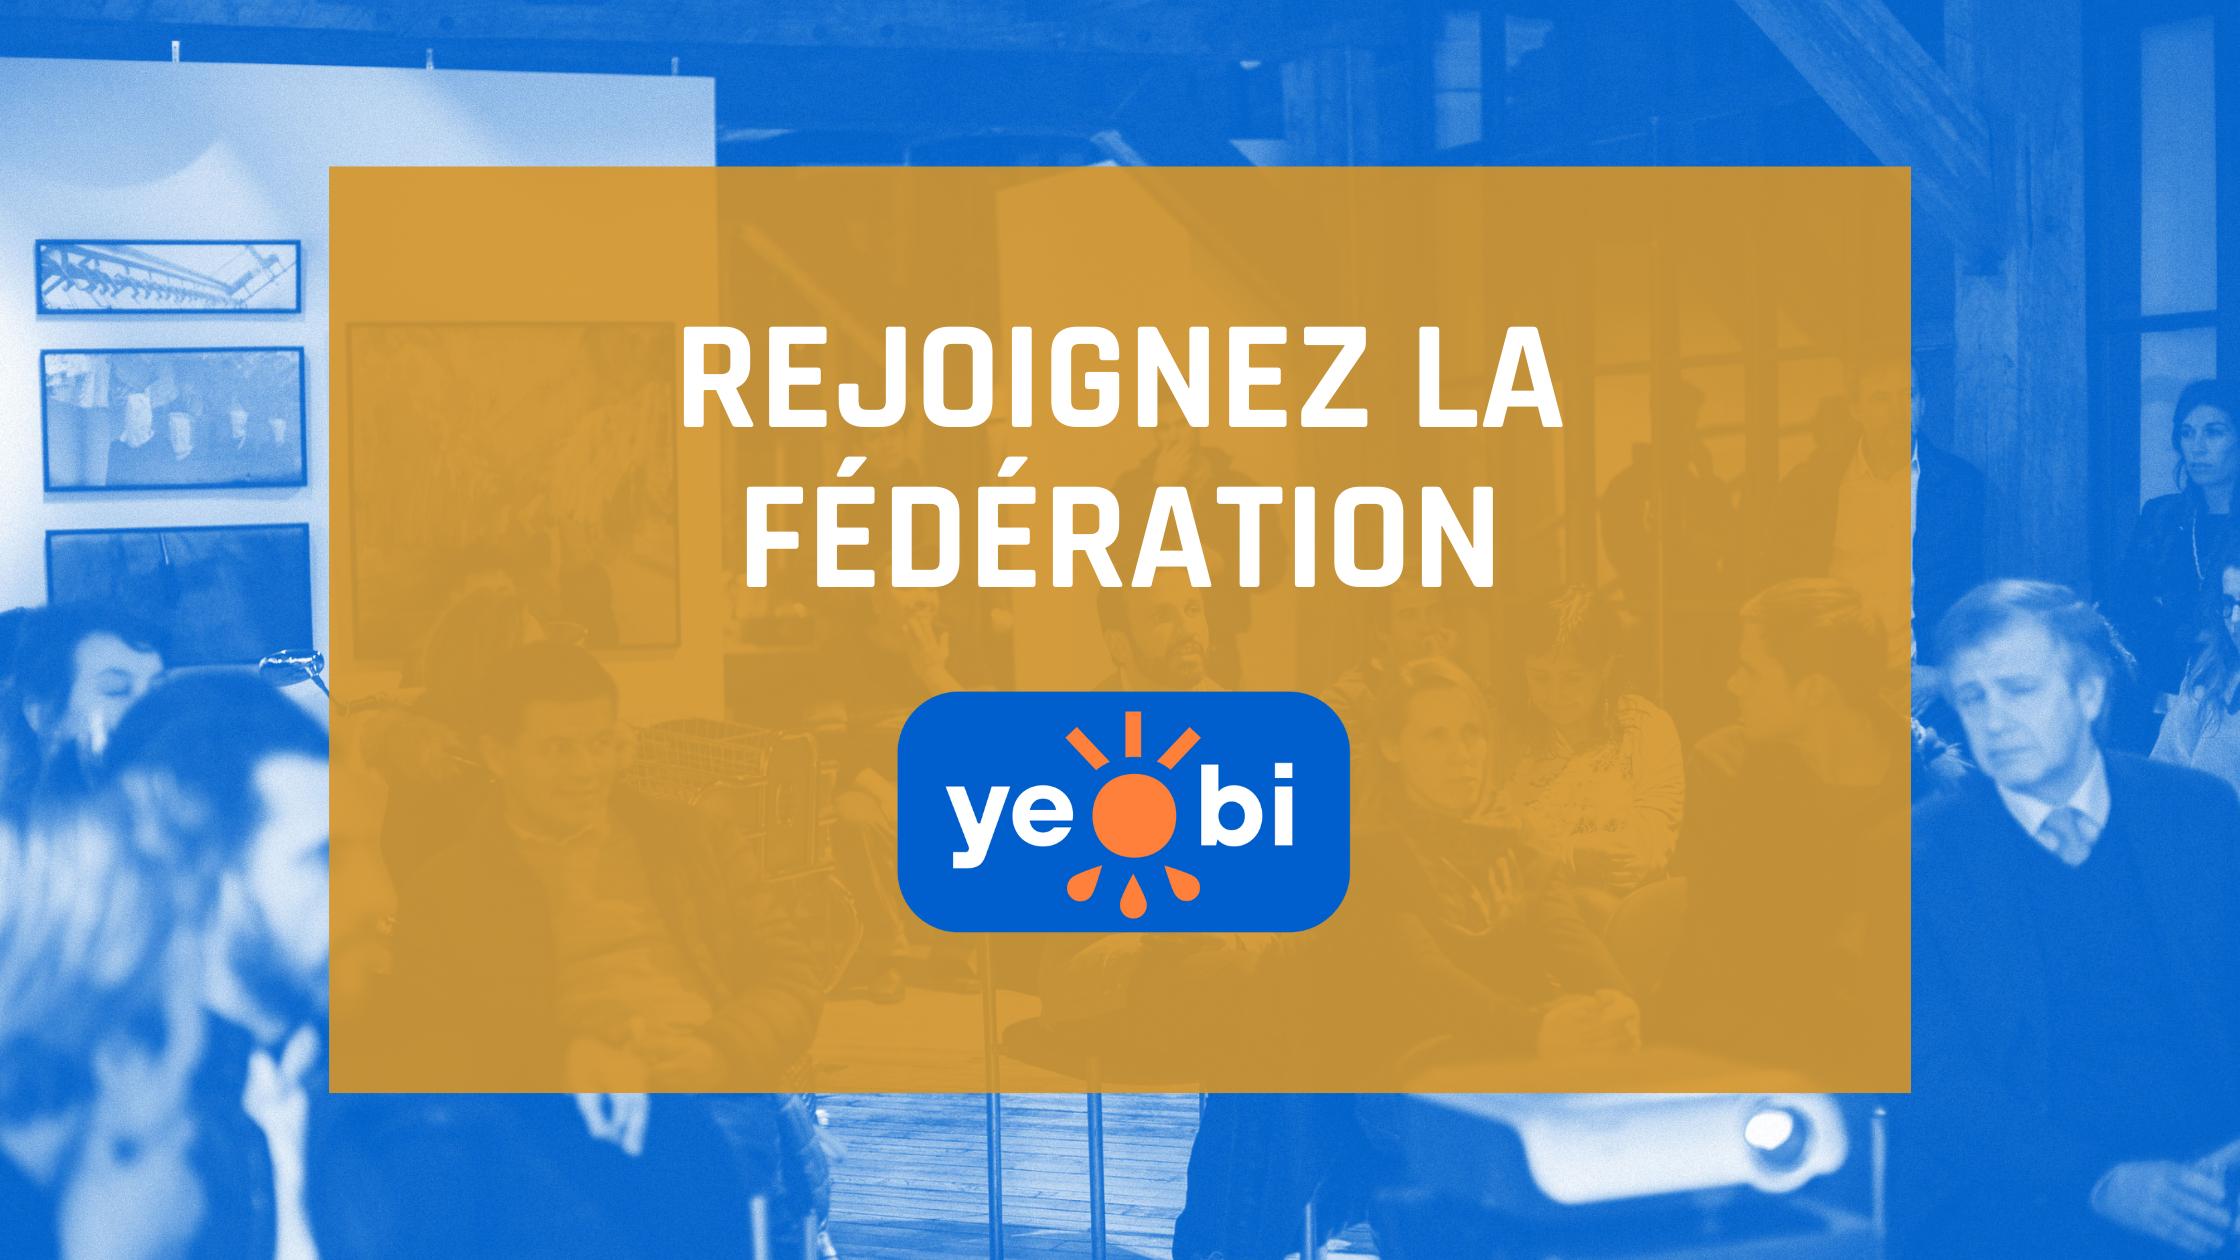 Rejoignez la fédération Yeobi